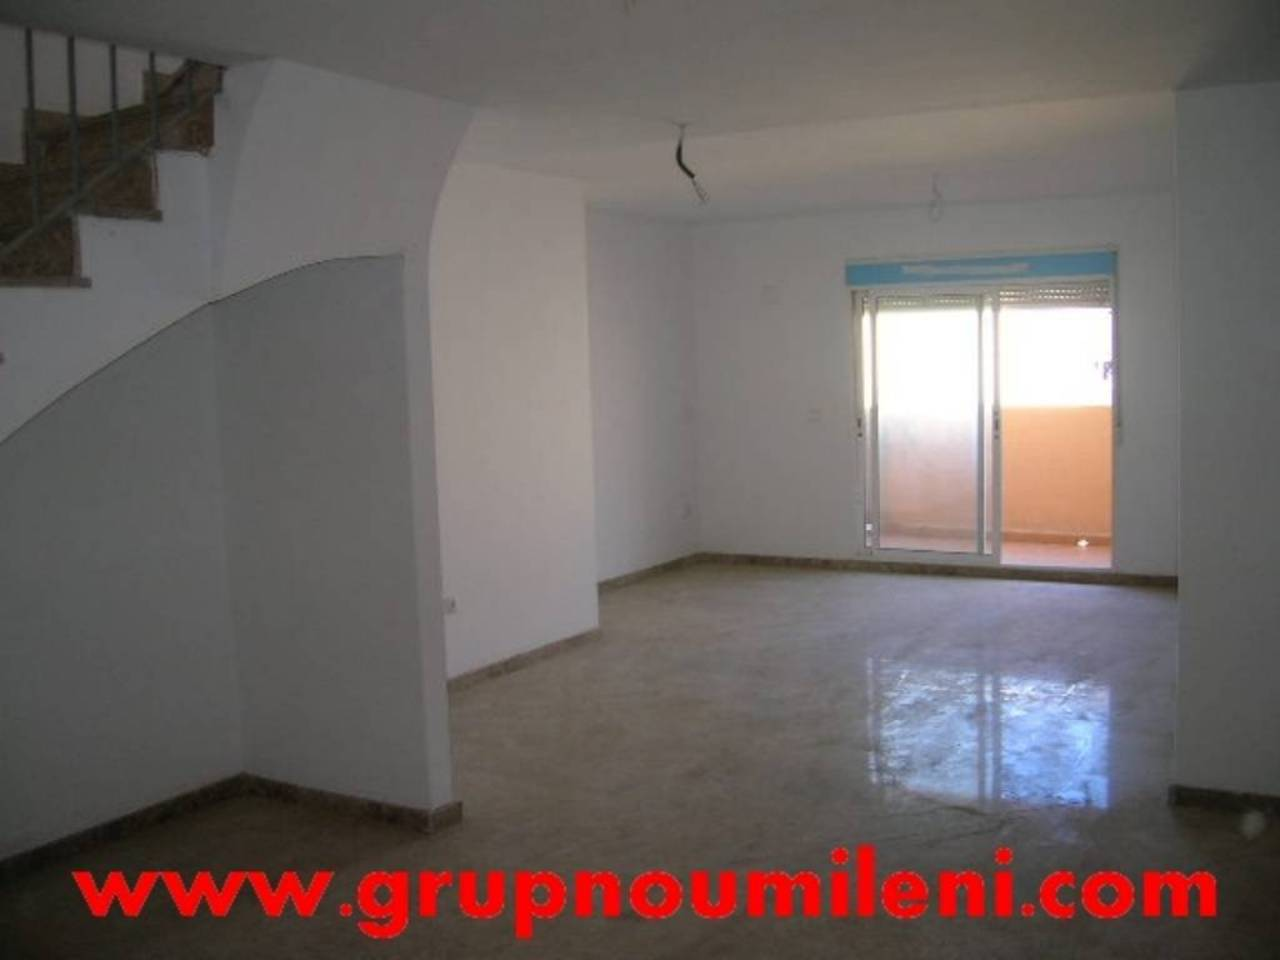 Lloguer Pis  Florida. Superf. 140 m²,  3 habitaciones (2 dobles,  1 individual),  3 ba